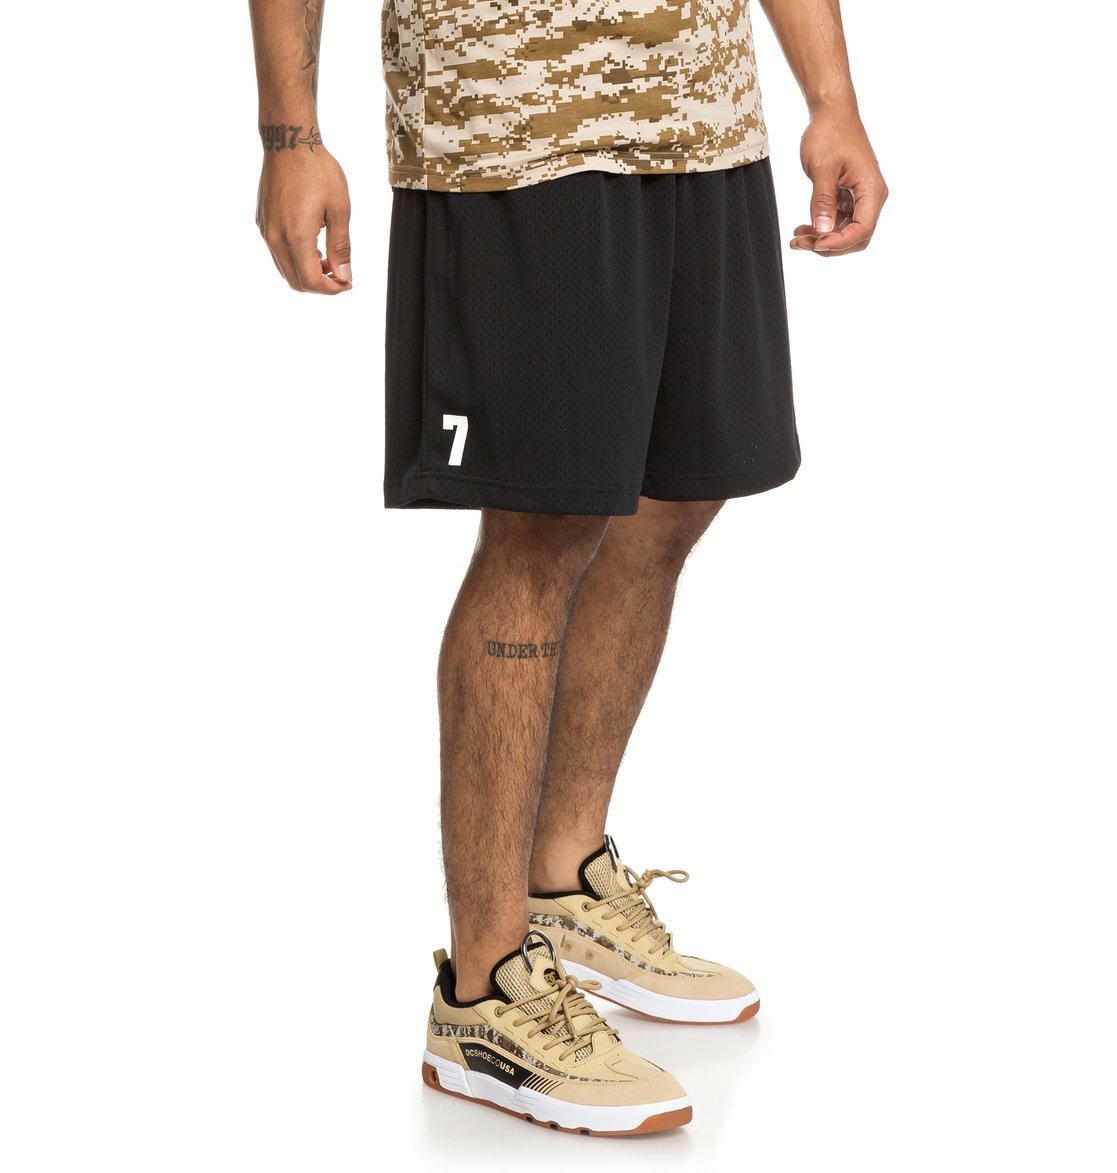 DC schuhe™ Mesh - - - Basketball Shorts for Men - Basketball-Shorts - Männer | Spielen Sie Leidenschaft, spielen Sie die Ernte, spielen Sie die Welt  b3b38d